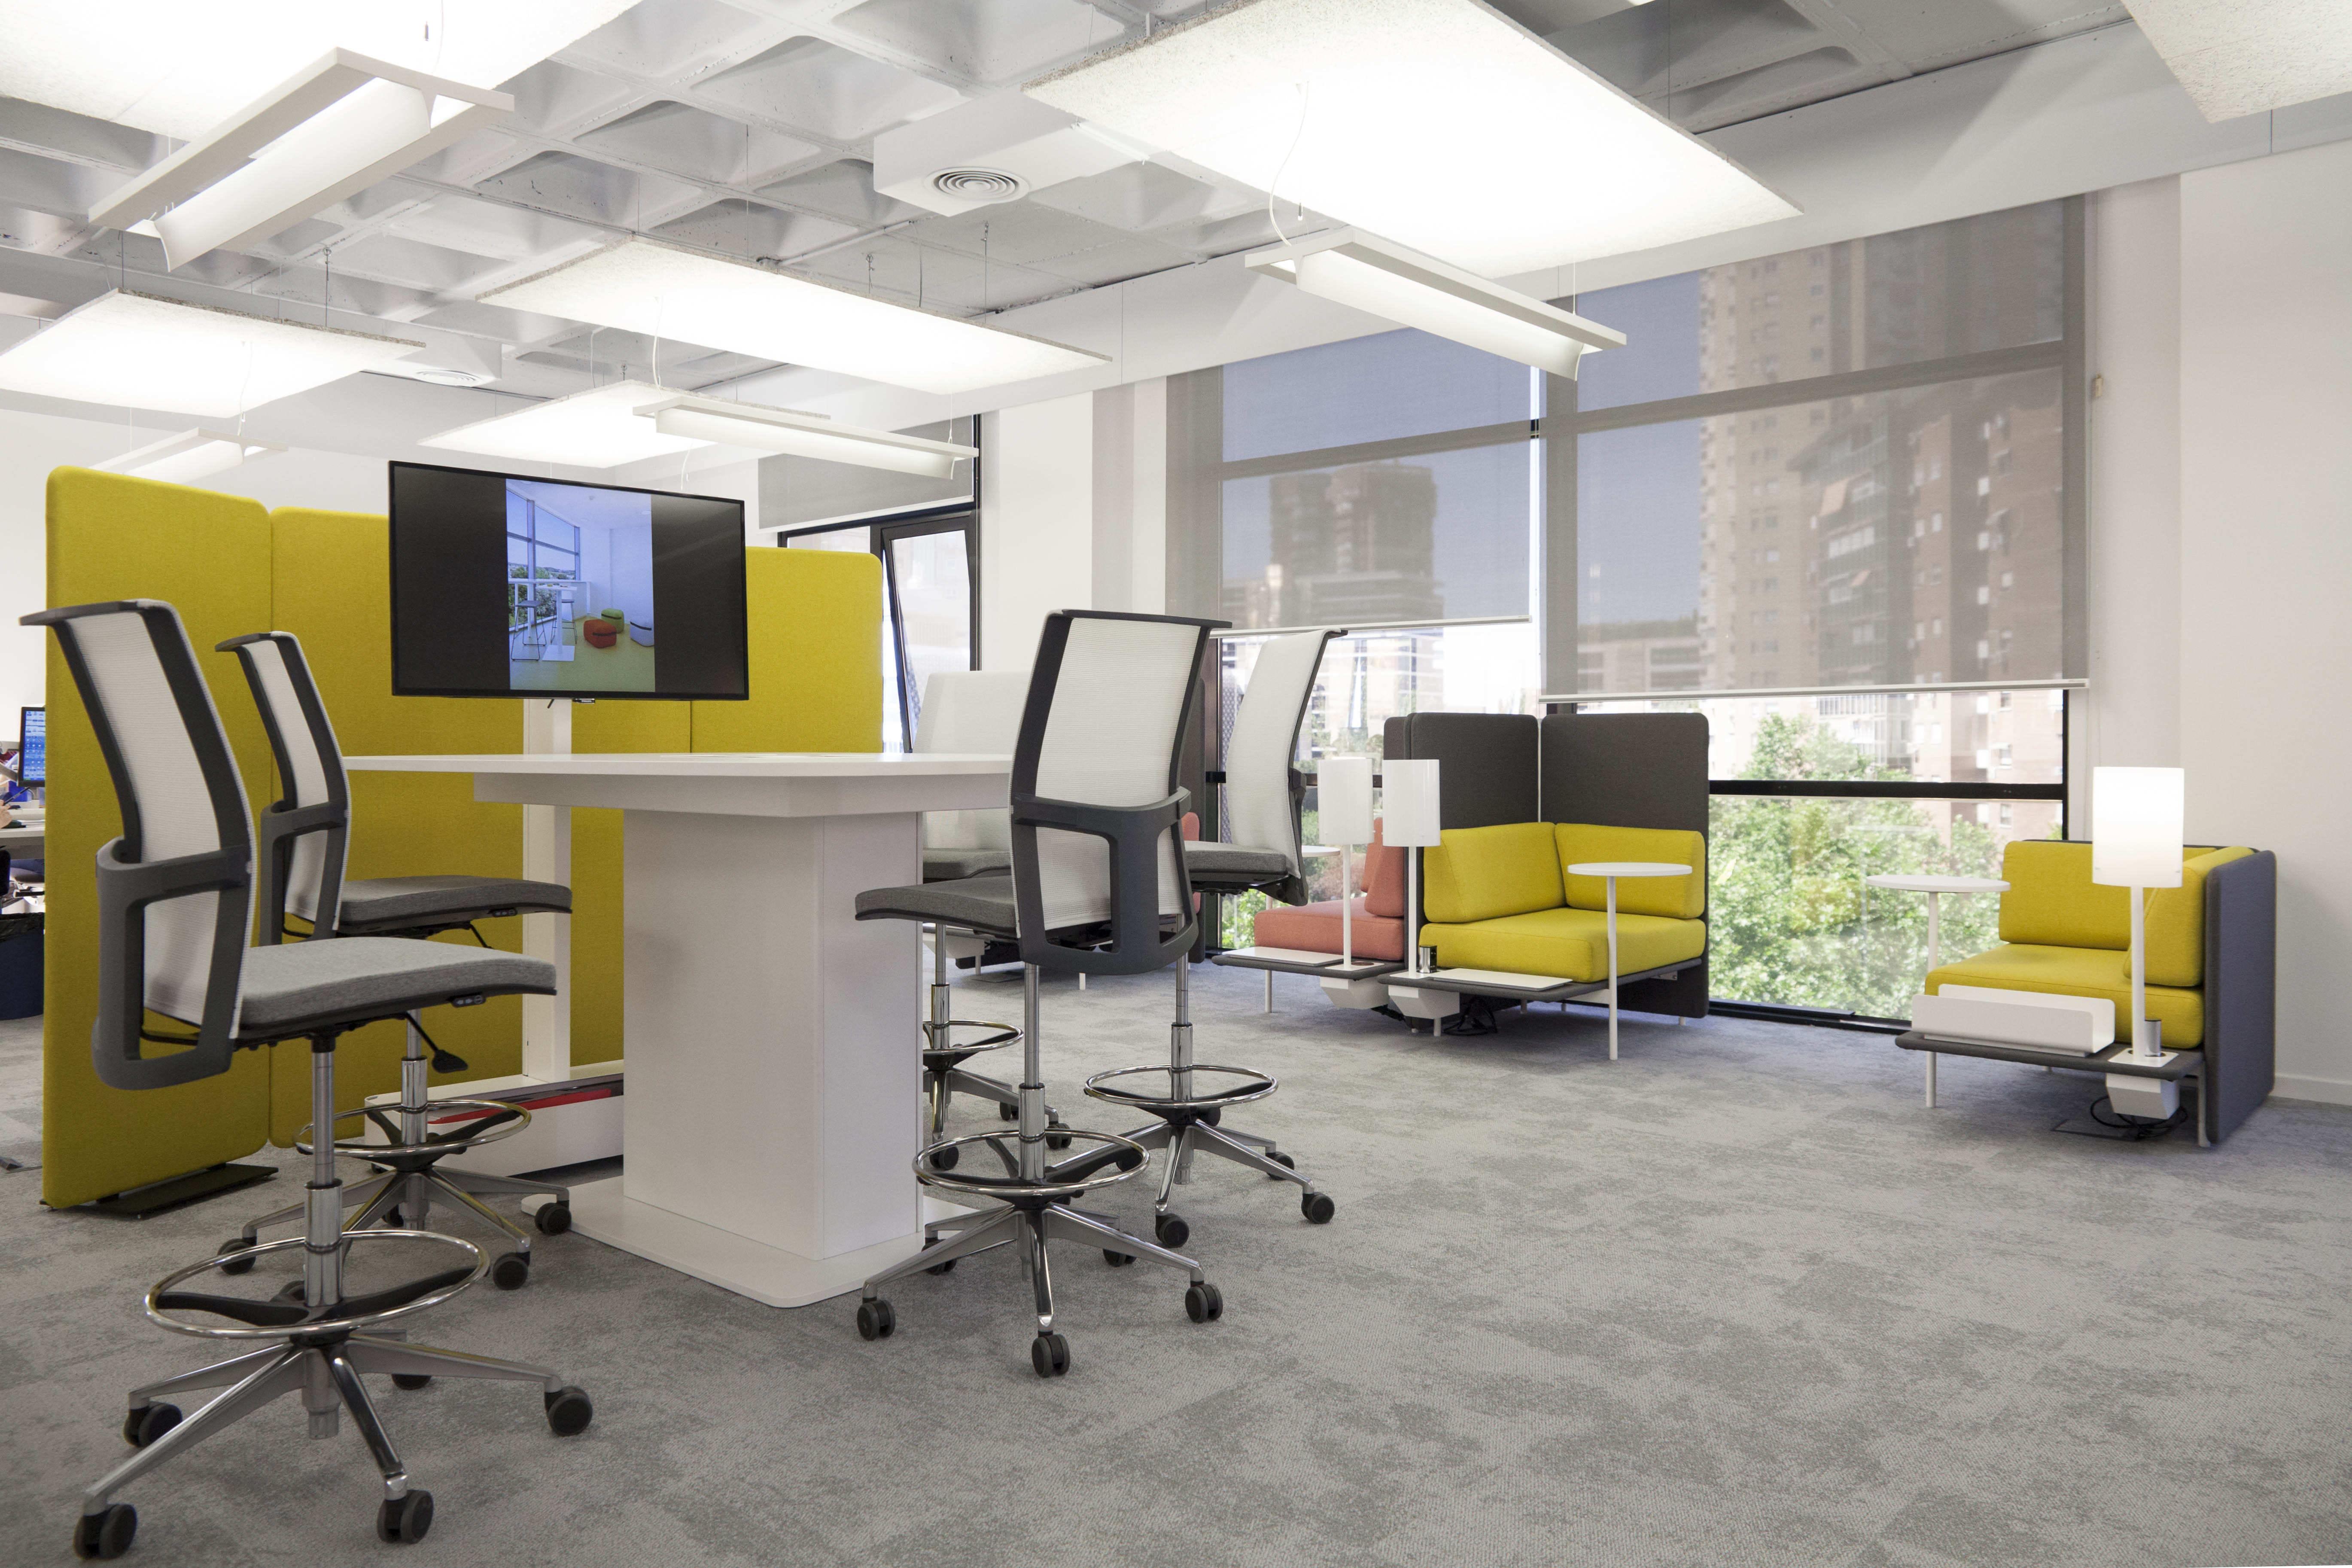 Fabricantes Muebles EspañaOfita De Oficina Diseño En RjL34A5